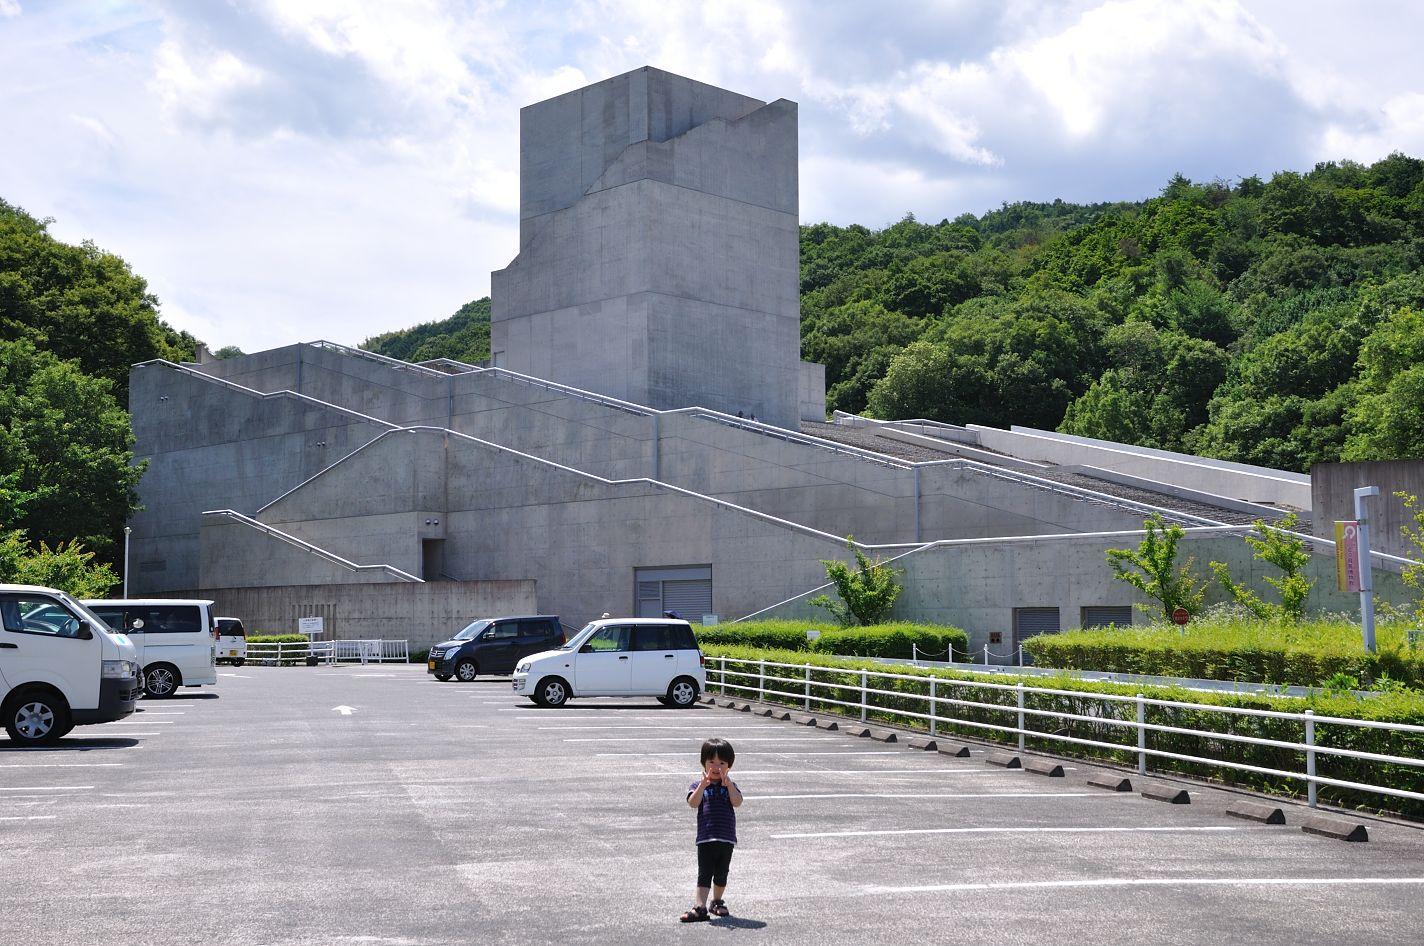 大阪府立近つ飛鳥博物館 by 安藤忠雄